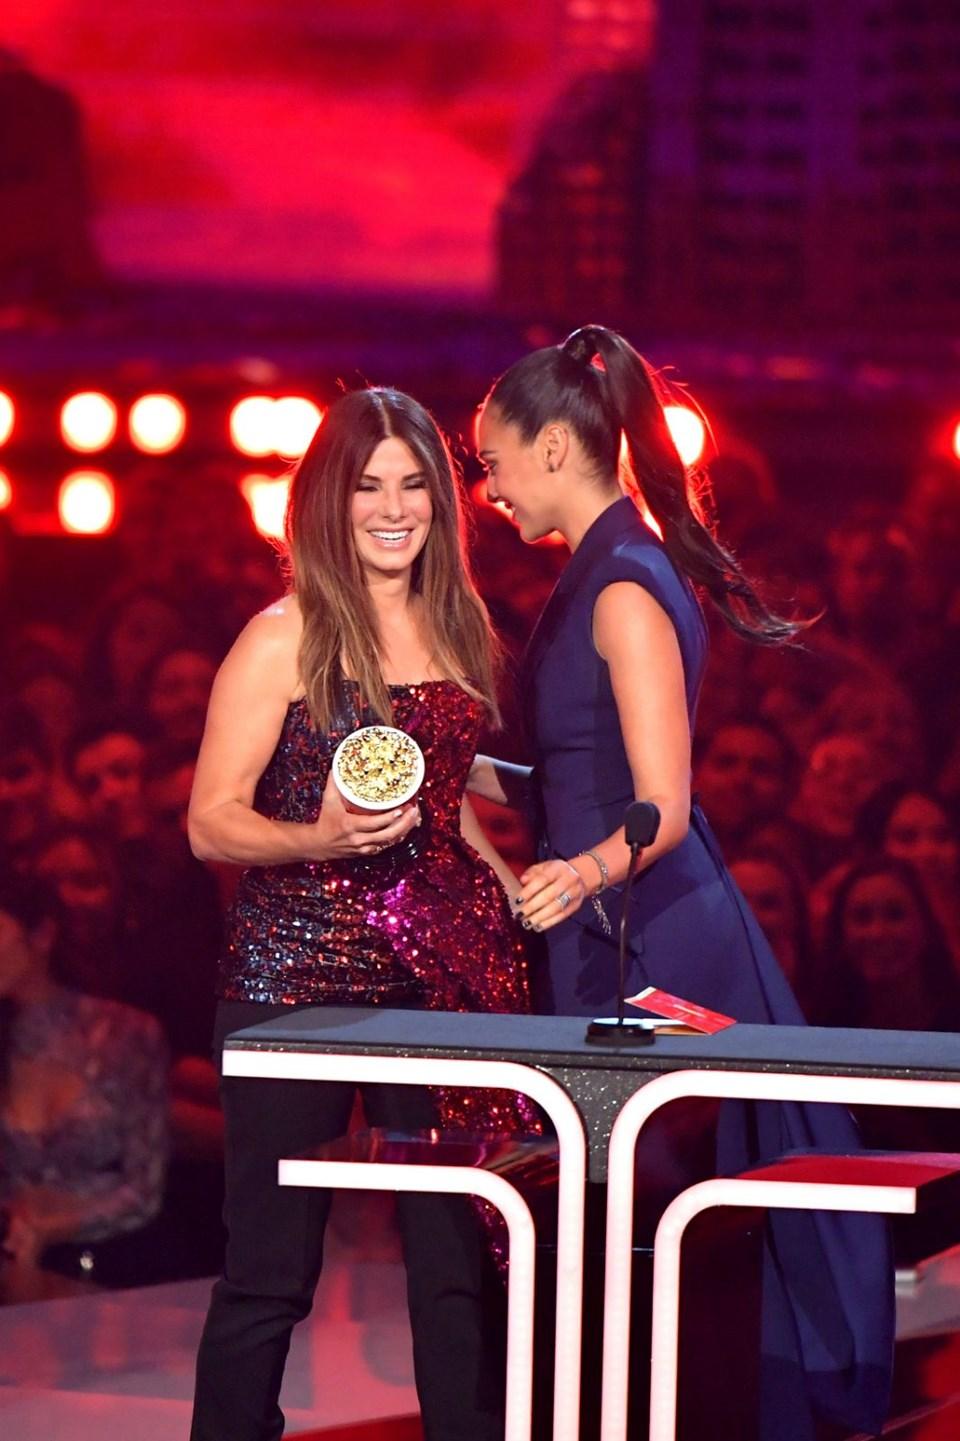 mtv sinema ödülleri, mtv televizyon ödülleri, mtv film ödülleri, sinema, televizyon, dizi, film, en iyi dizi, en iyi film